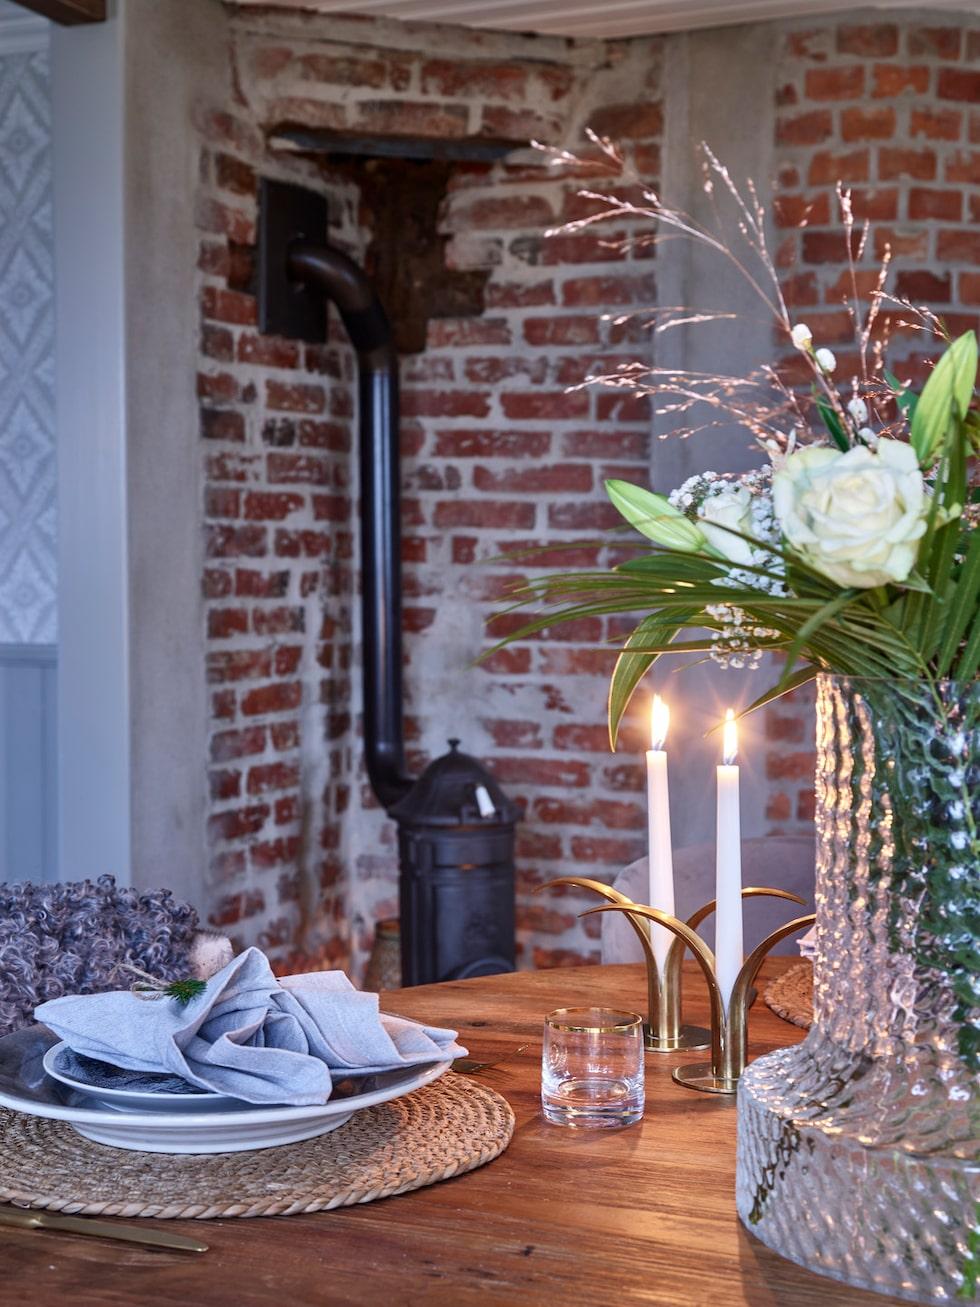 Den lilla värmande gjutjärnskaminen är tillverkad på Ebbes bruk som ligger precis nedanför berget där familjen bor. Porslin, Tyghuset Taberg. Glas, Newport. Vas, Skrufs glasbruk.